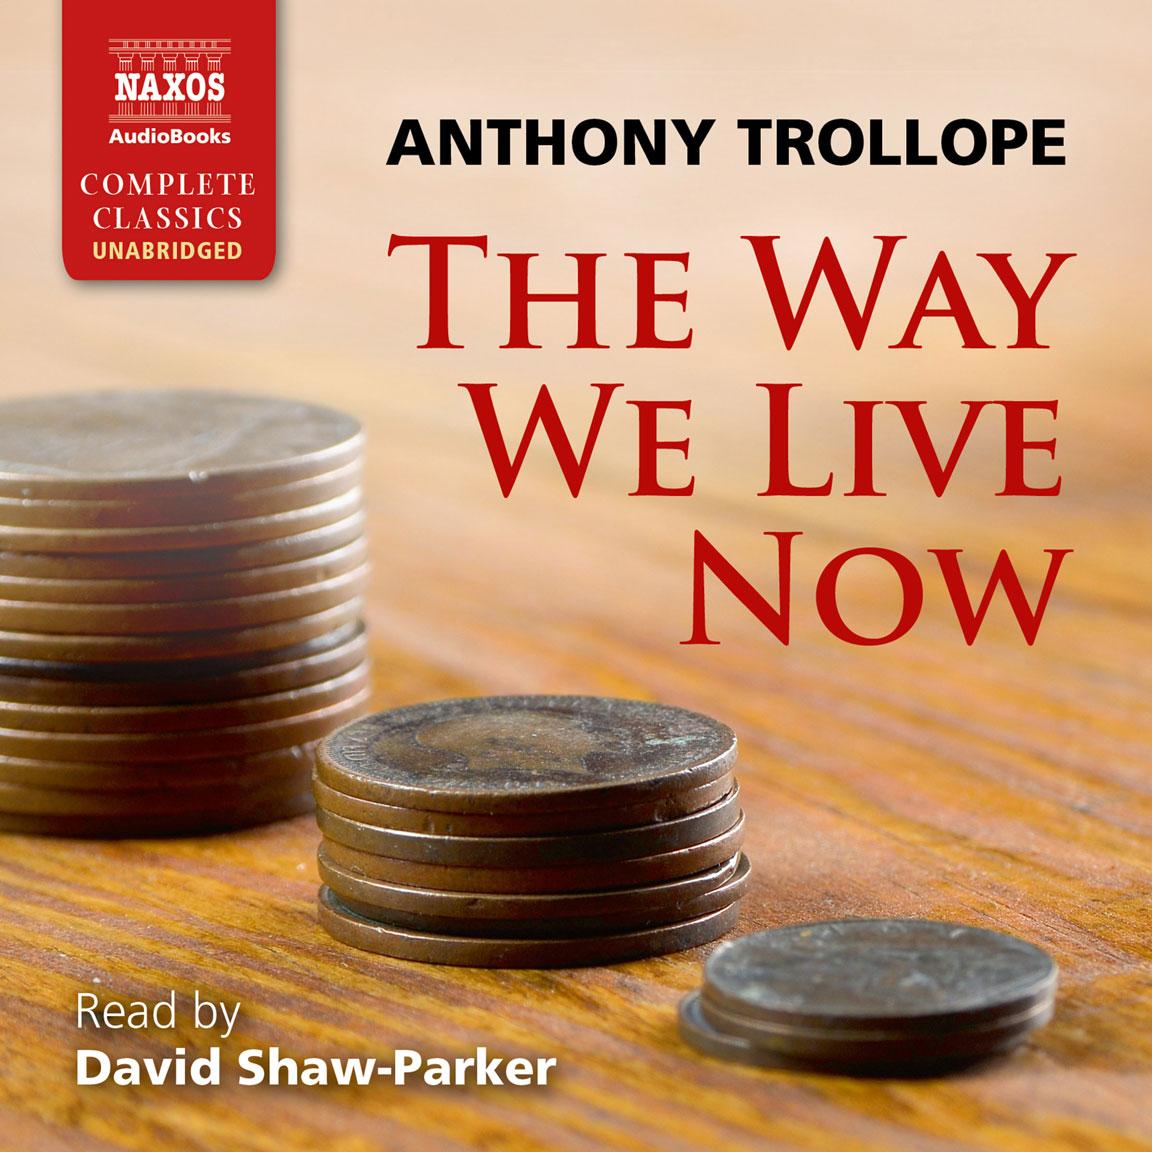 The Way We Live Now (unabridged)